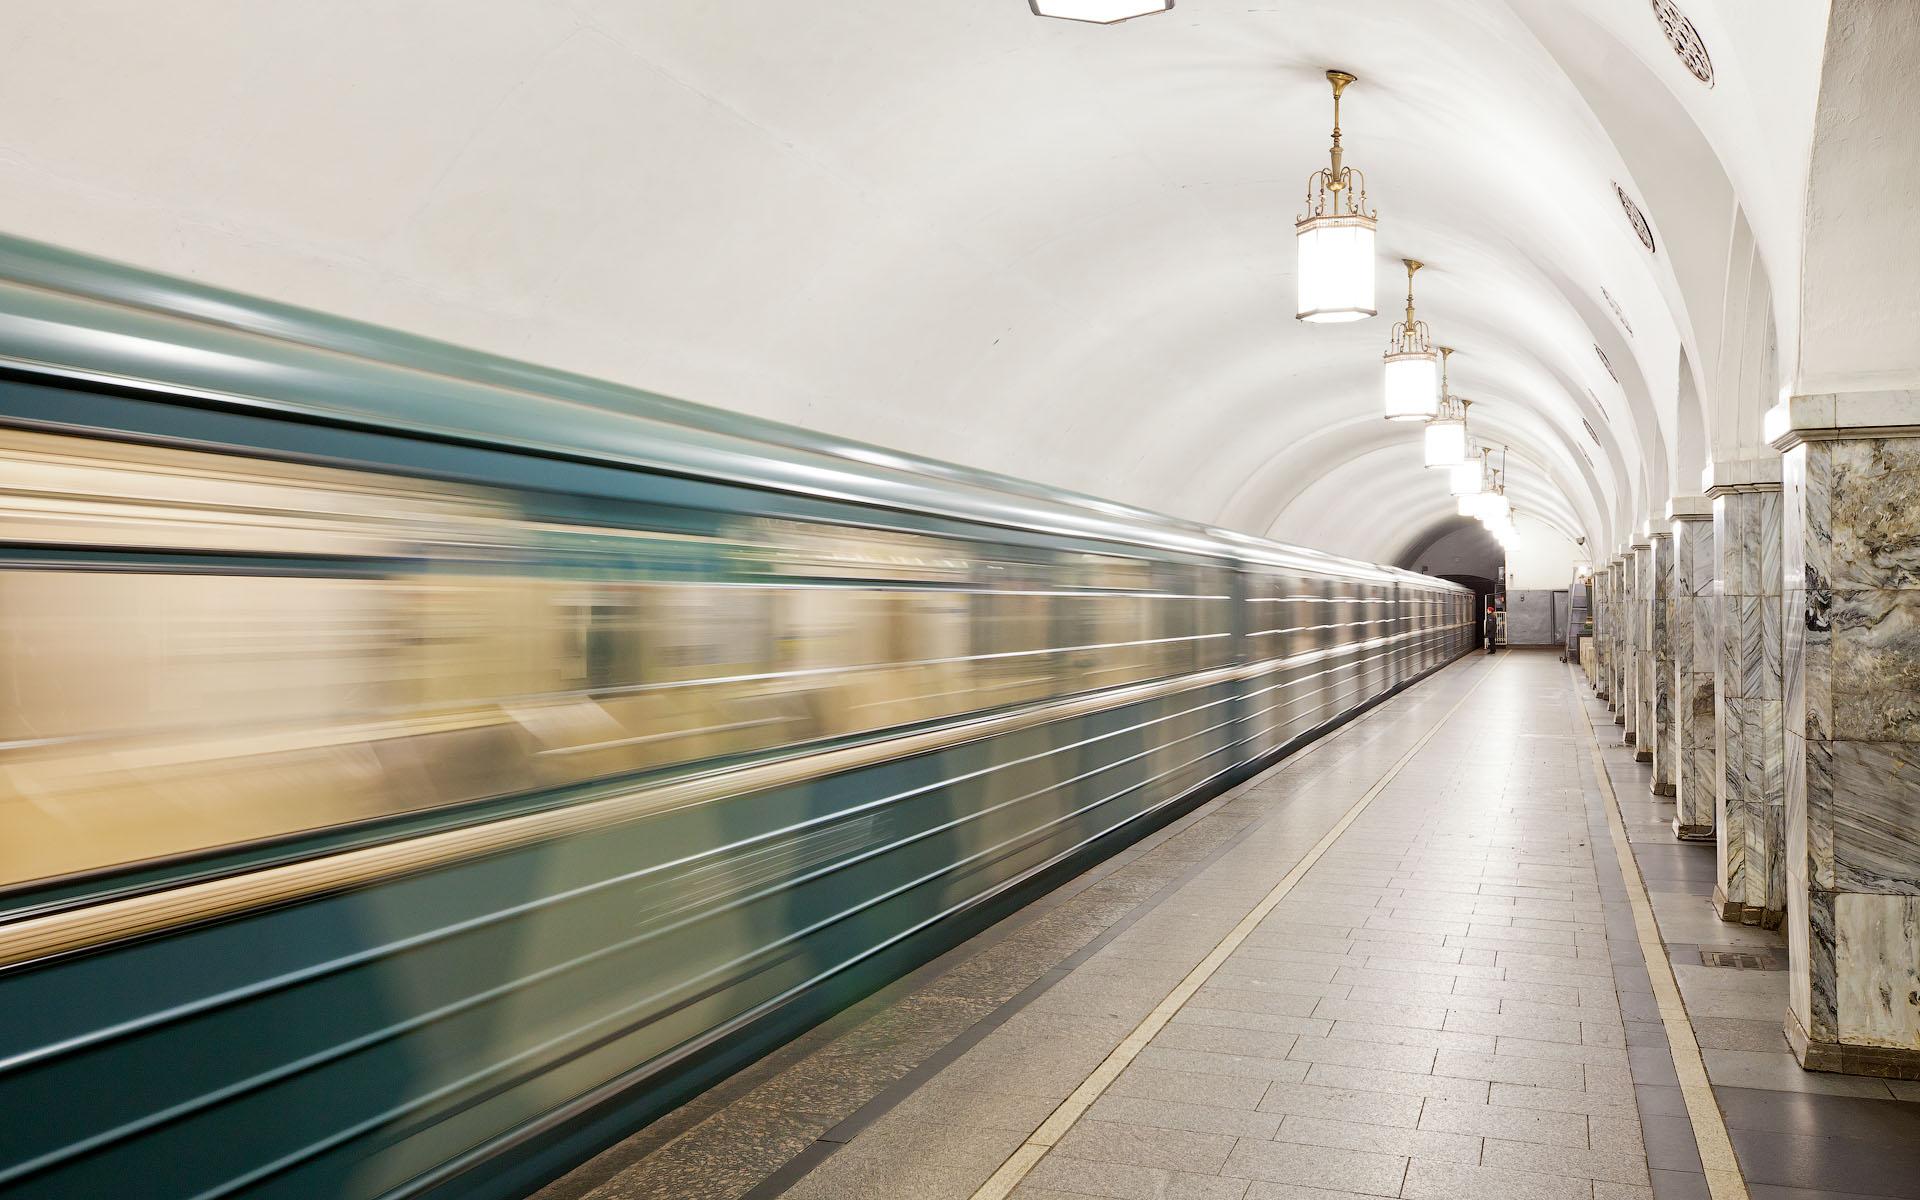 De Moskouse Ringlijn-deeltjesversneller. (Foto: Russos-Livejournal)